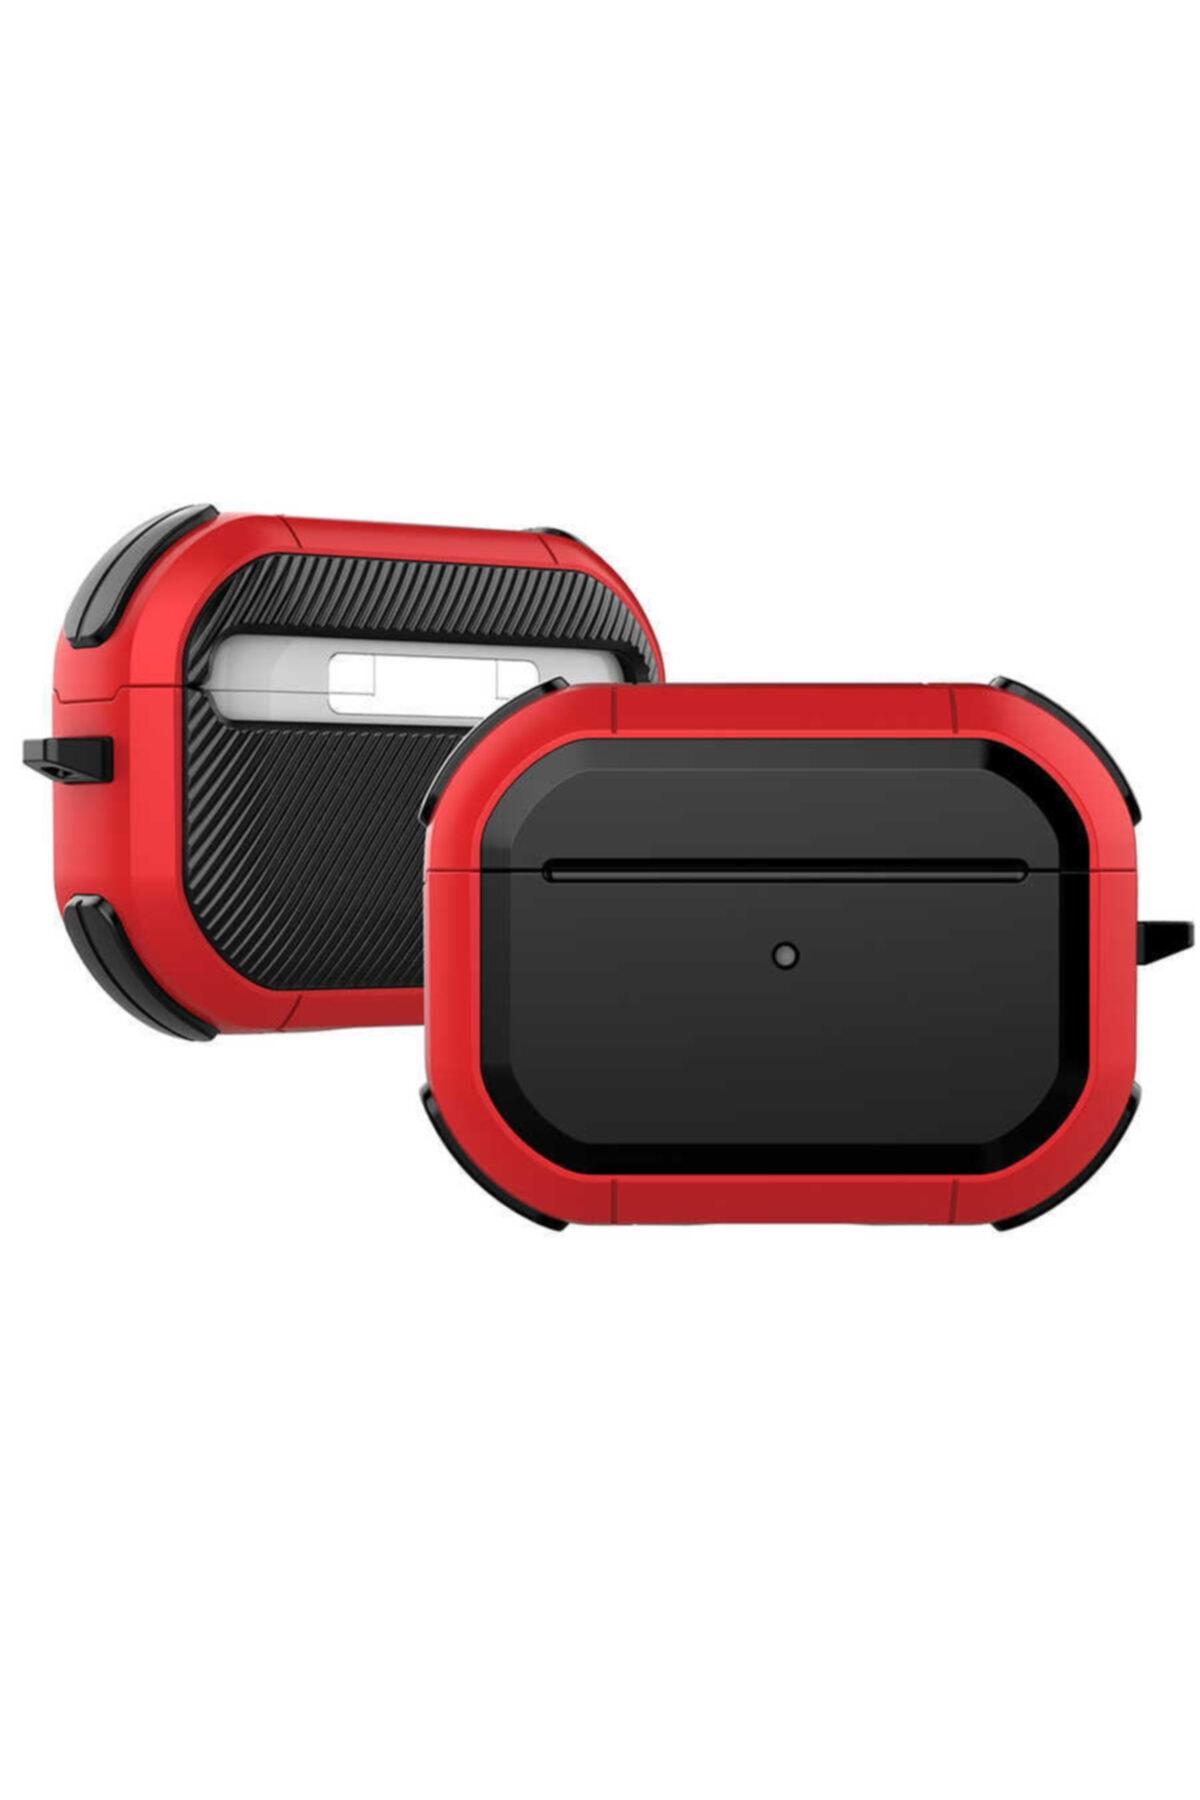 zore Apc008 Airpods Pro Case 1